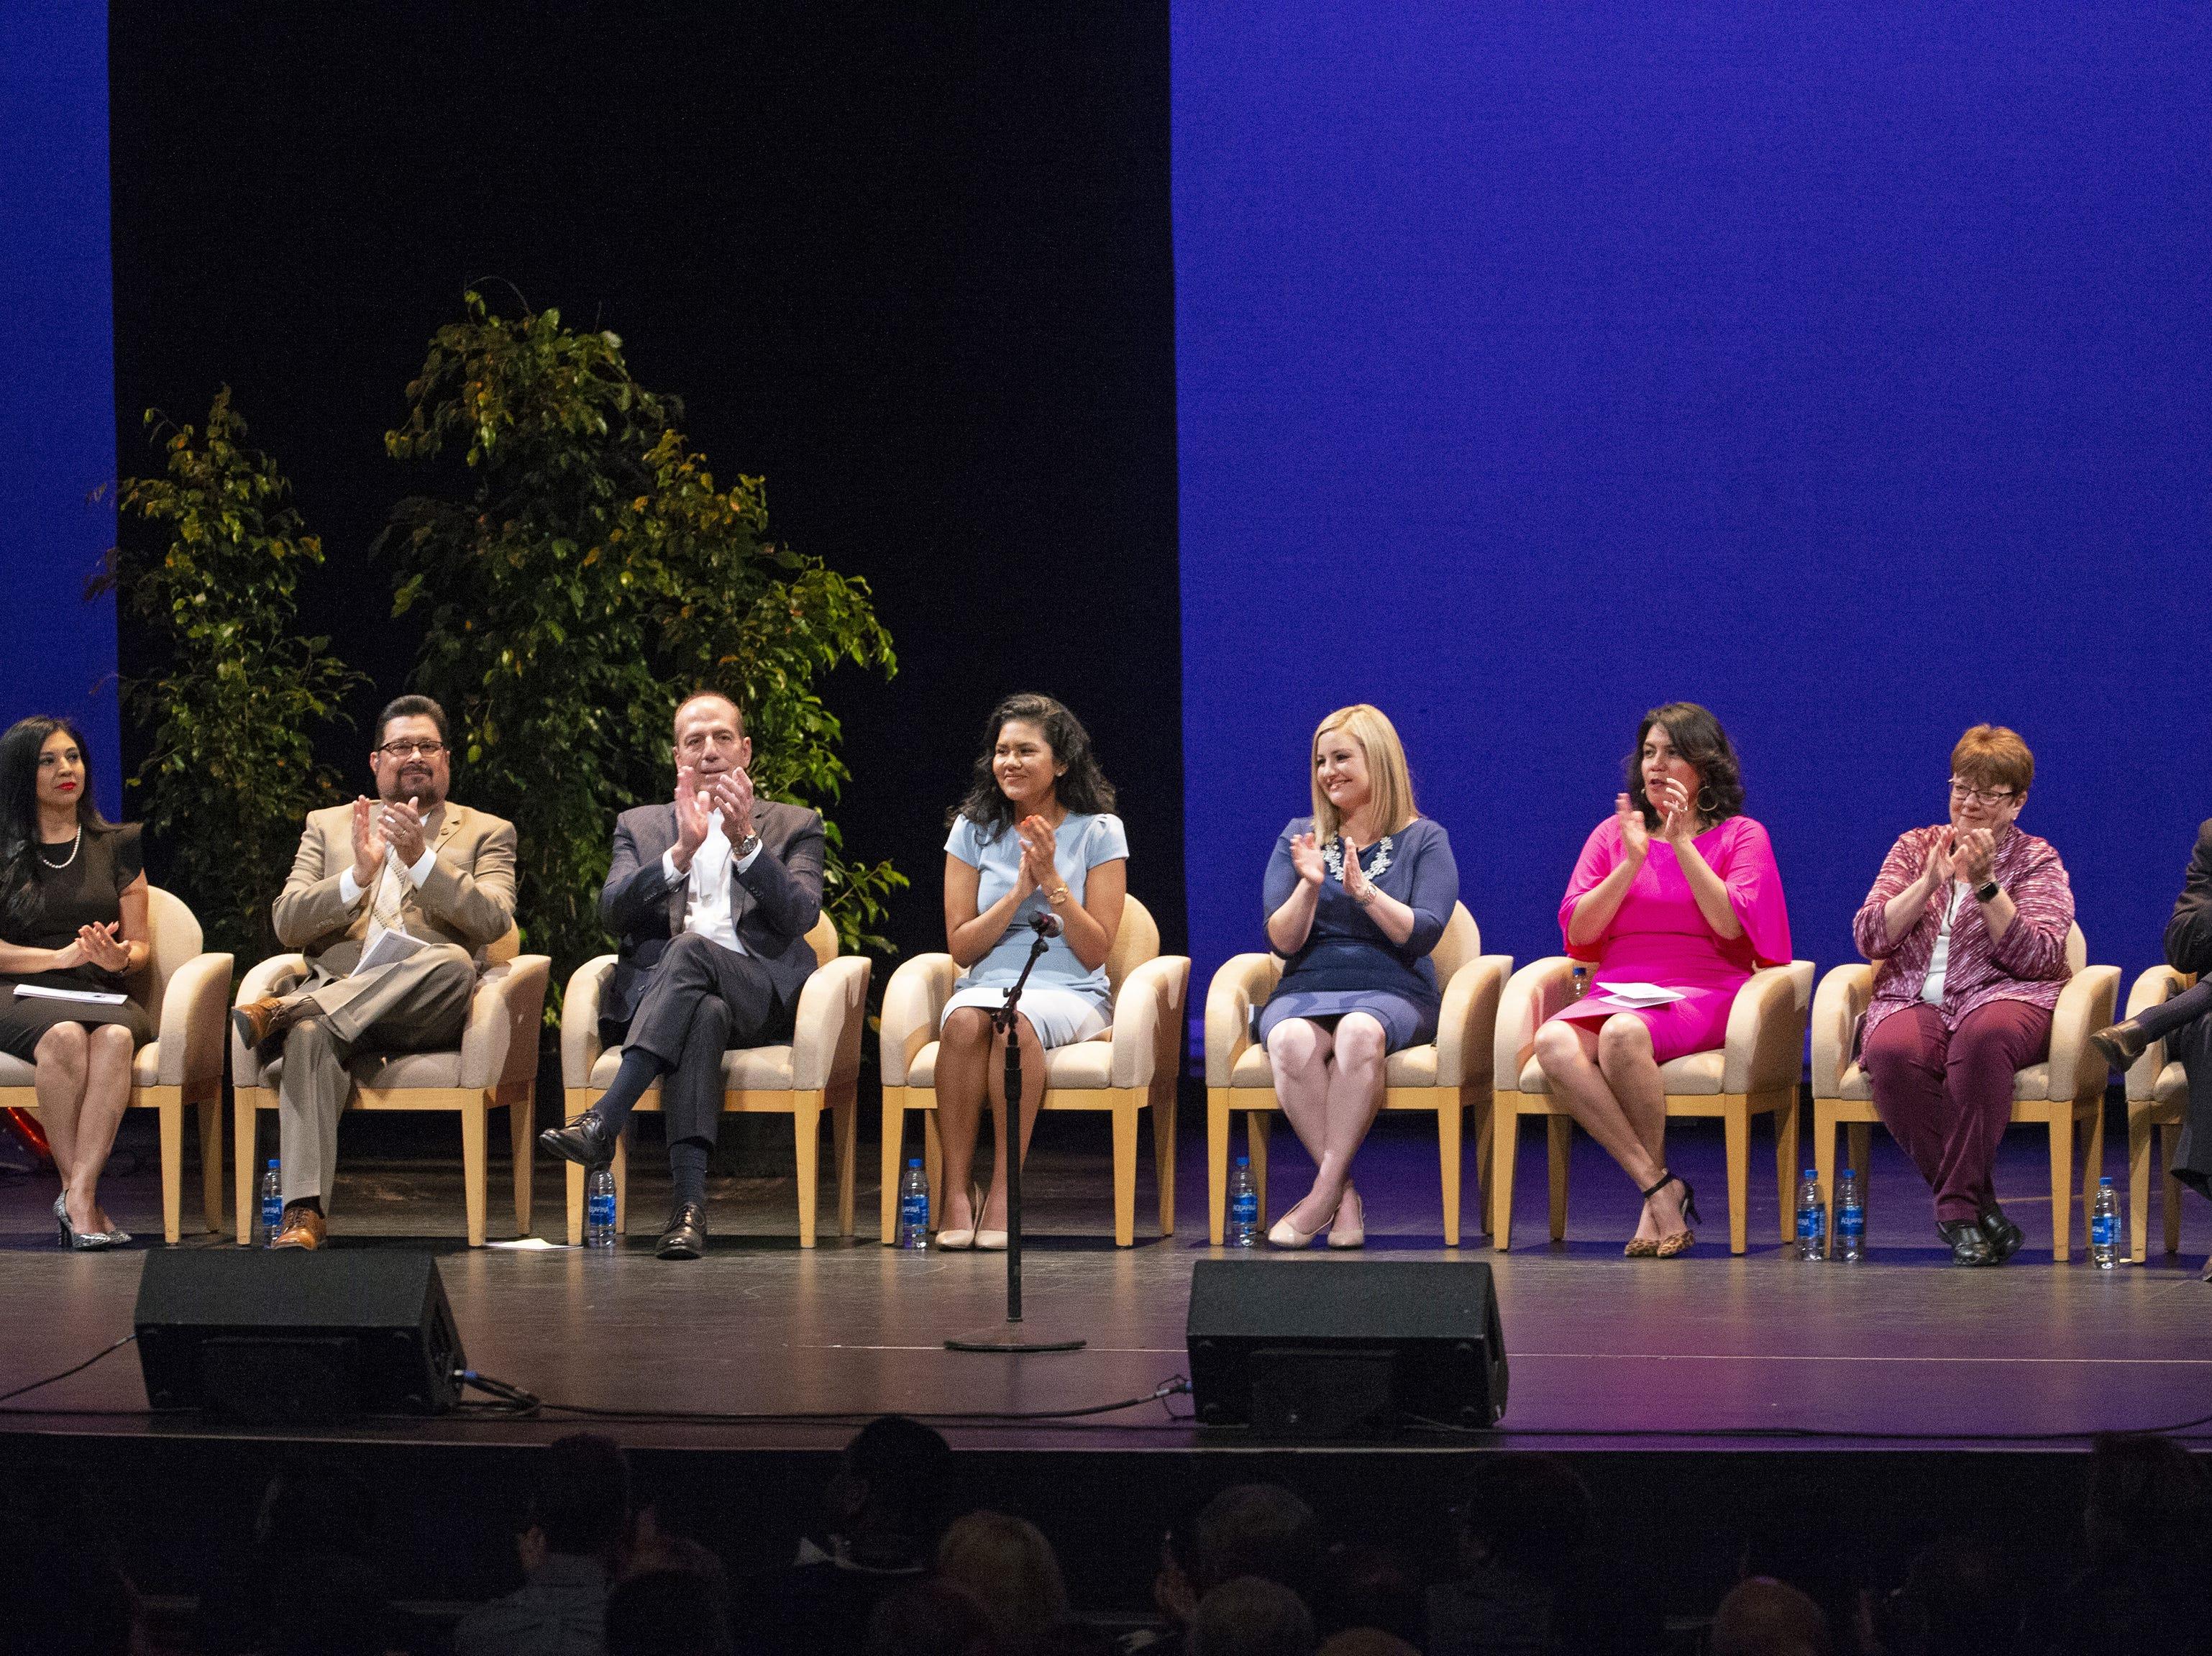 Kate Gallego (centro-derecha) y los miembros del Concilio de Phoenix durante la ceremonia inaugural de Gallego como nueva alcaldesa de Phoenix, el 21 de marzo de 2019 en el Orpheum Theatre de Phoenix, AZ.